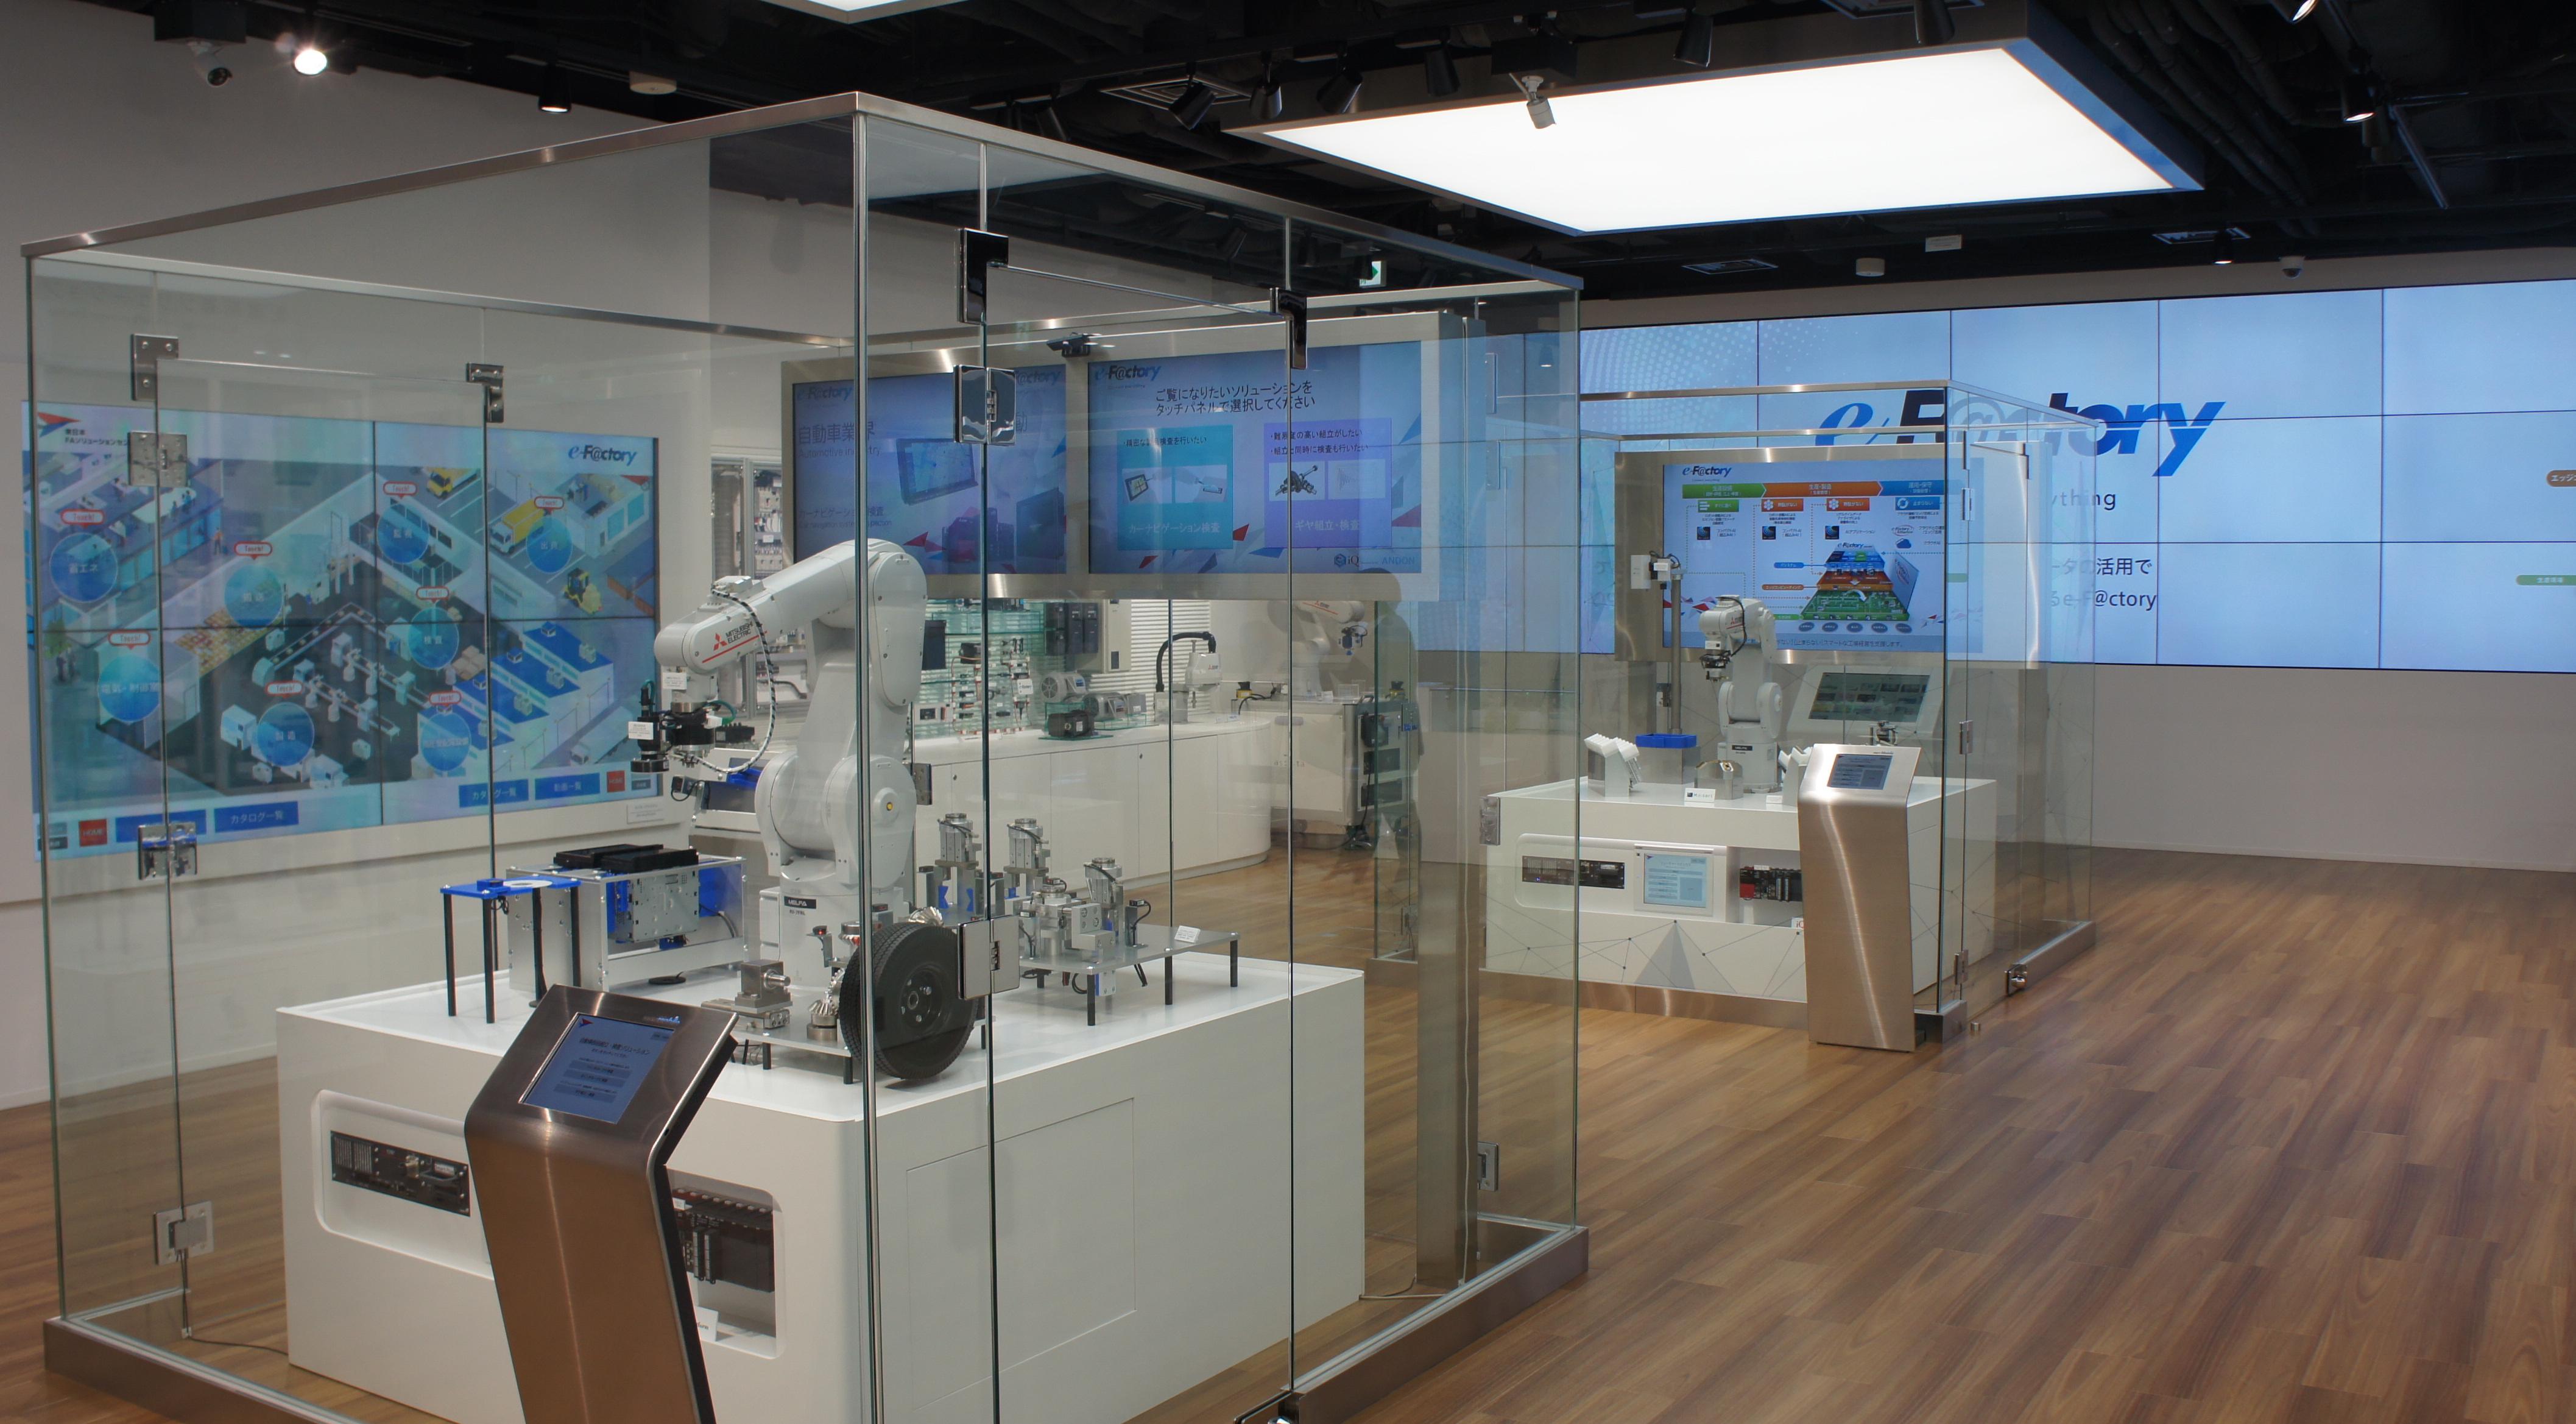 三菱電機 東日本FAソリューションセンター見学記 秋葉原でFA・自動化の最先端を「見て・学び・試す」